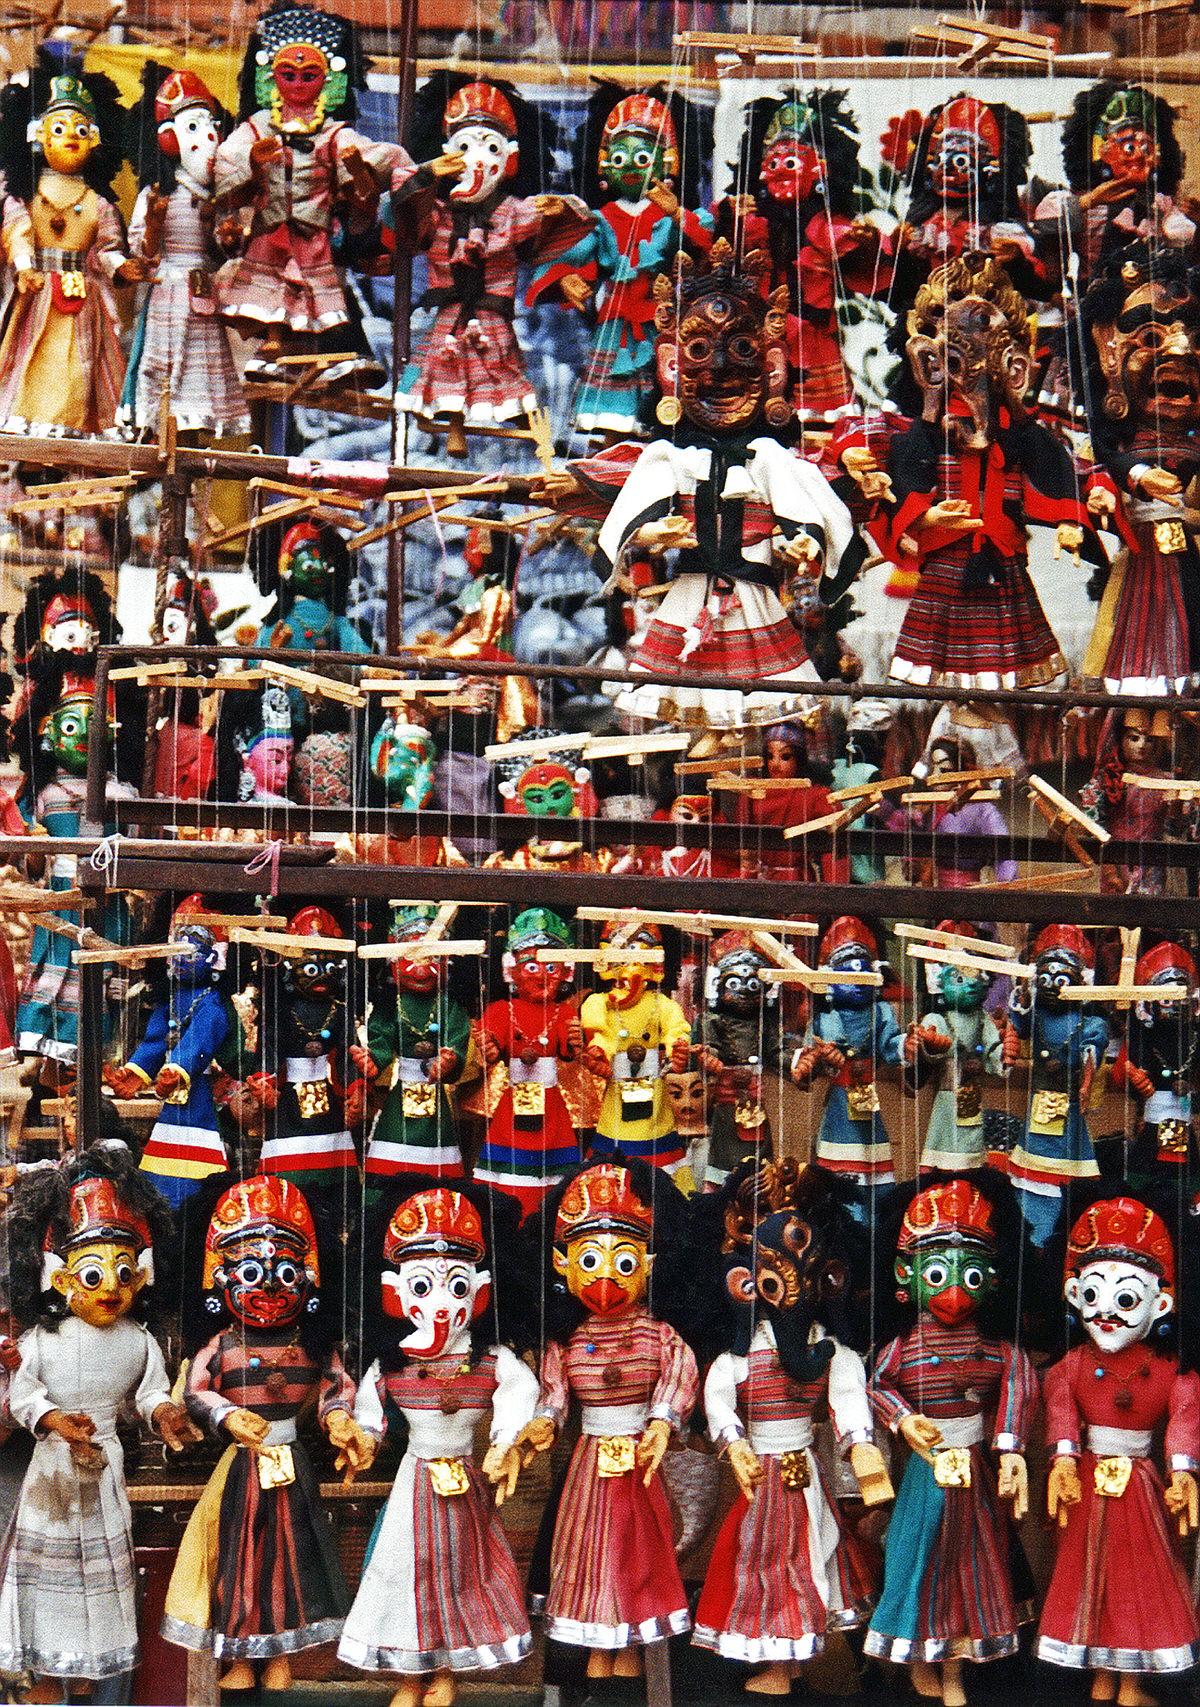 puppets-nepal-photo.jpg